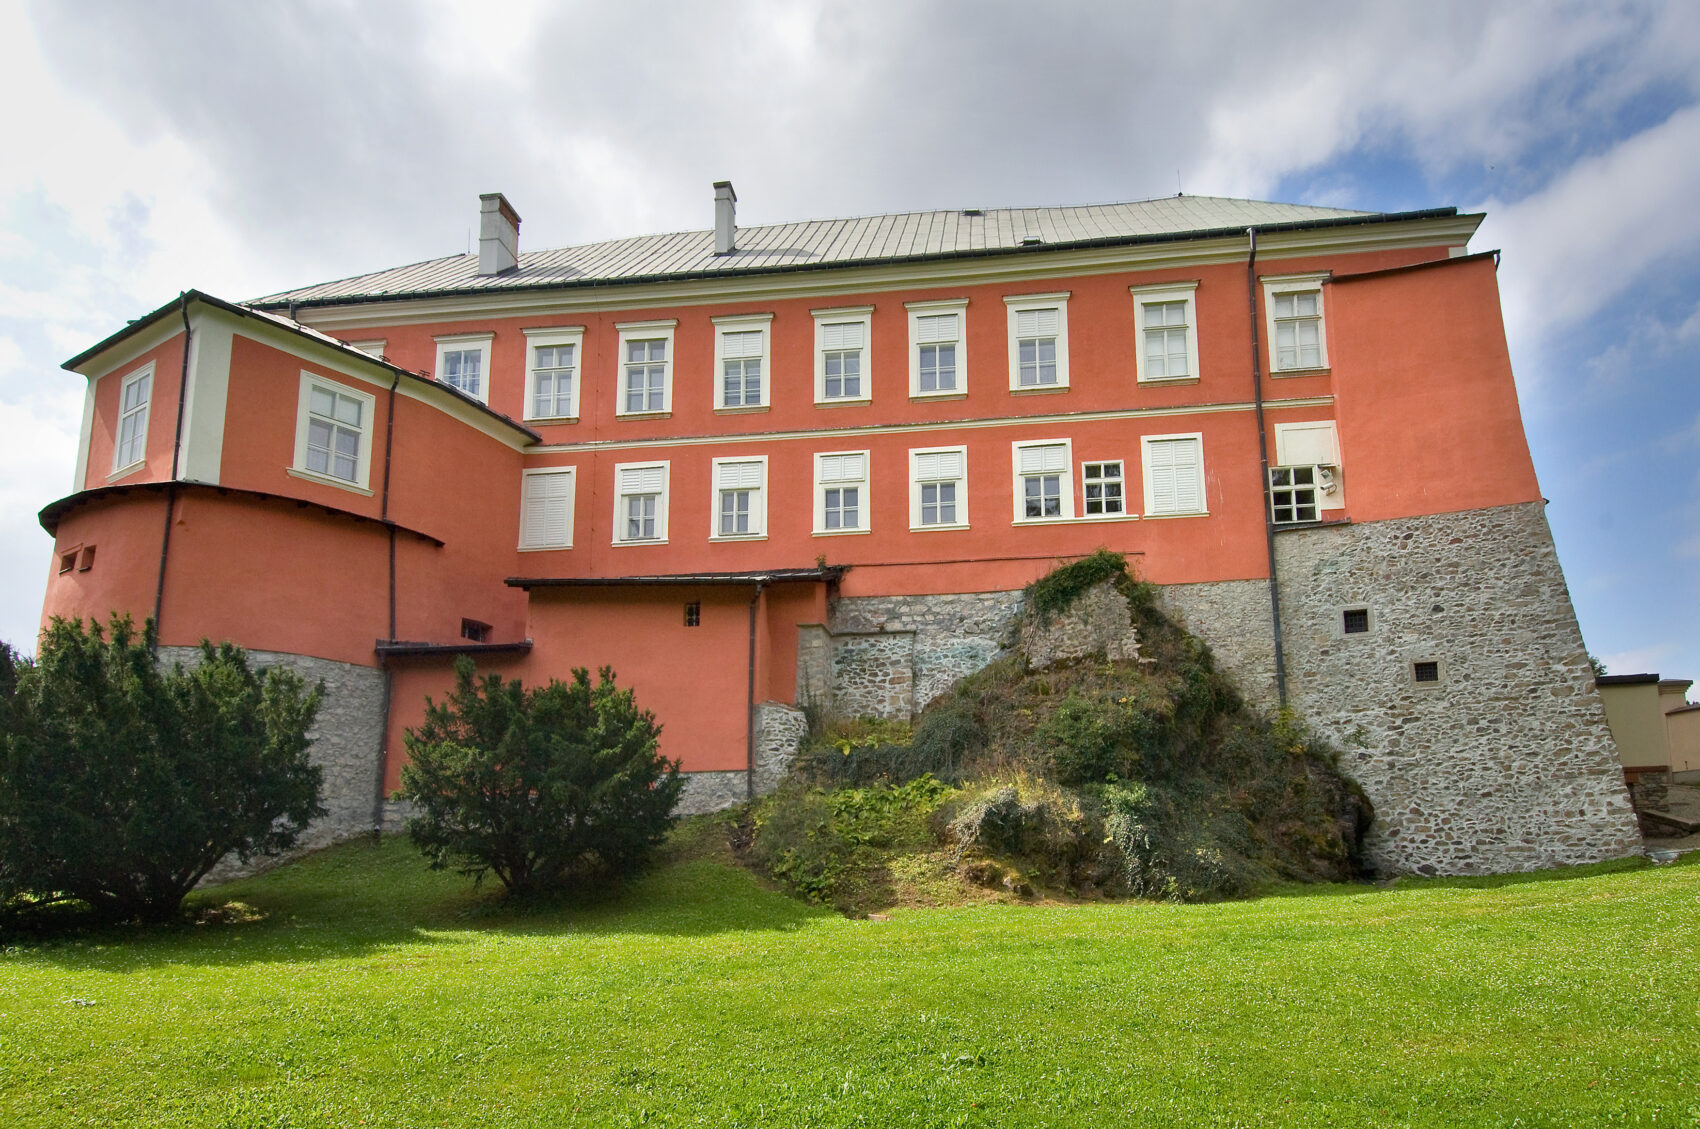 Pohled na zámek Kamenice nad Lipou ze zahrady